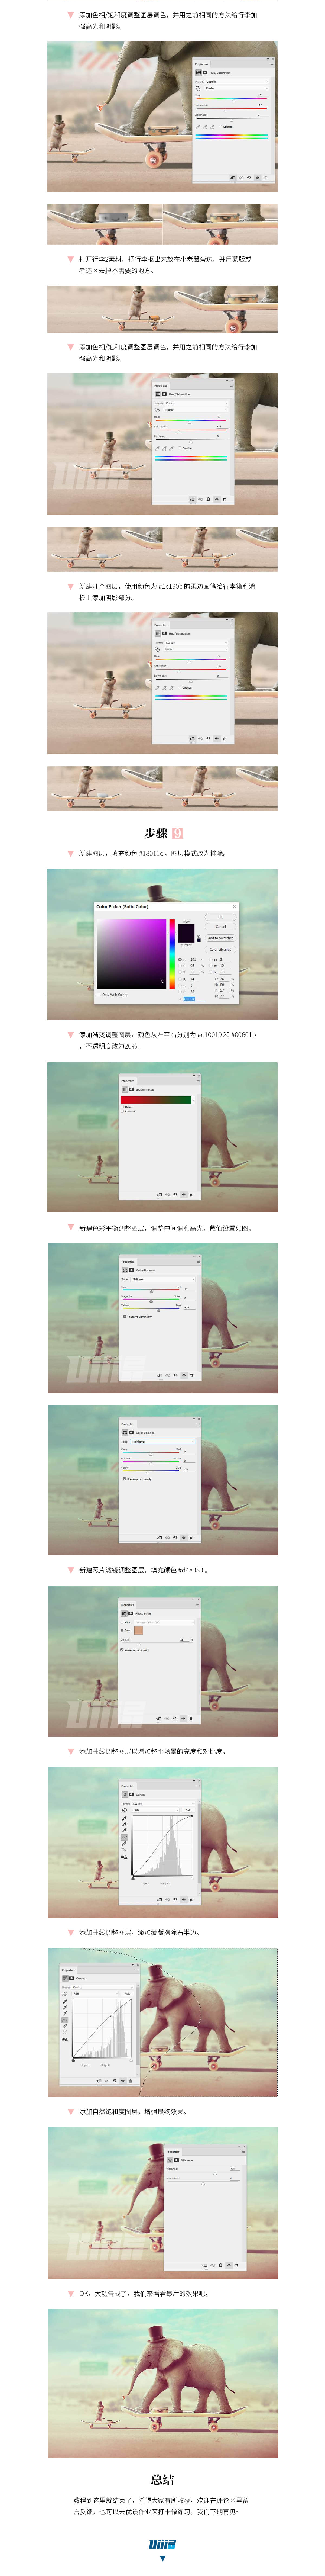 PS教程!合成小鼠与大象童趣场景